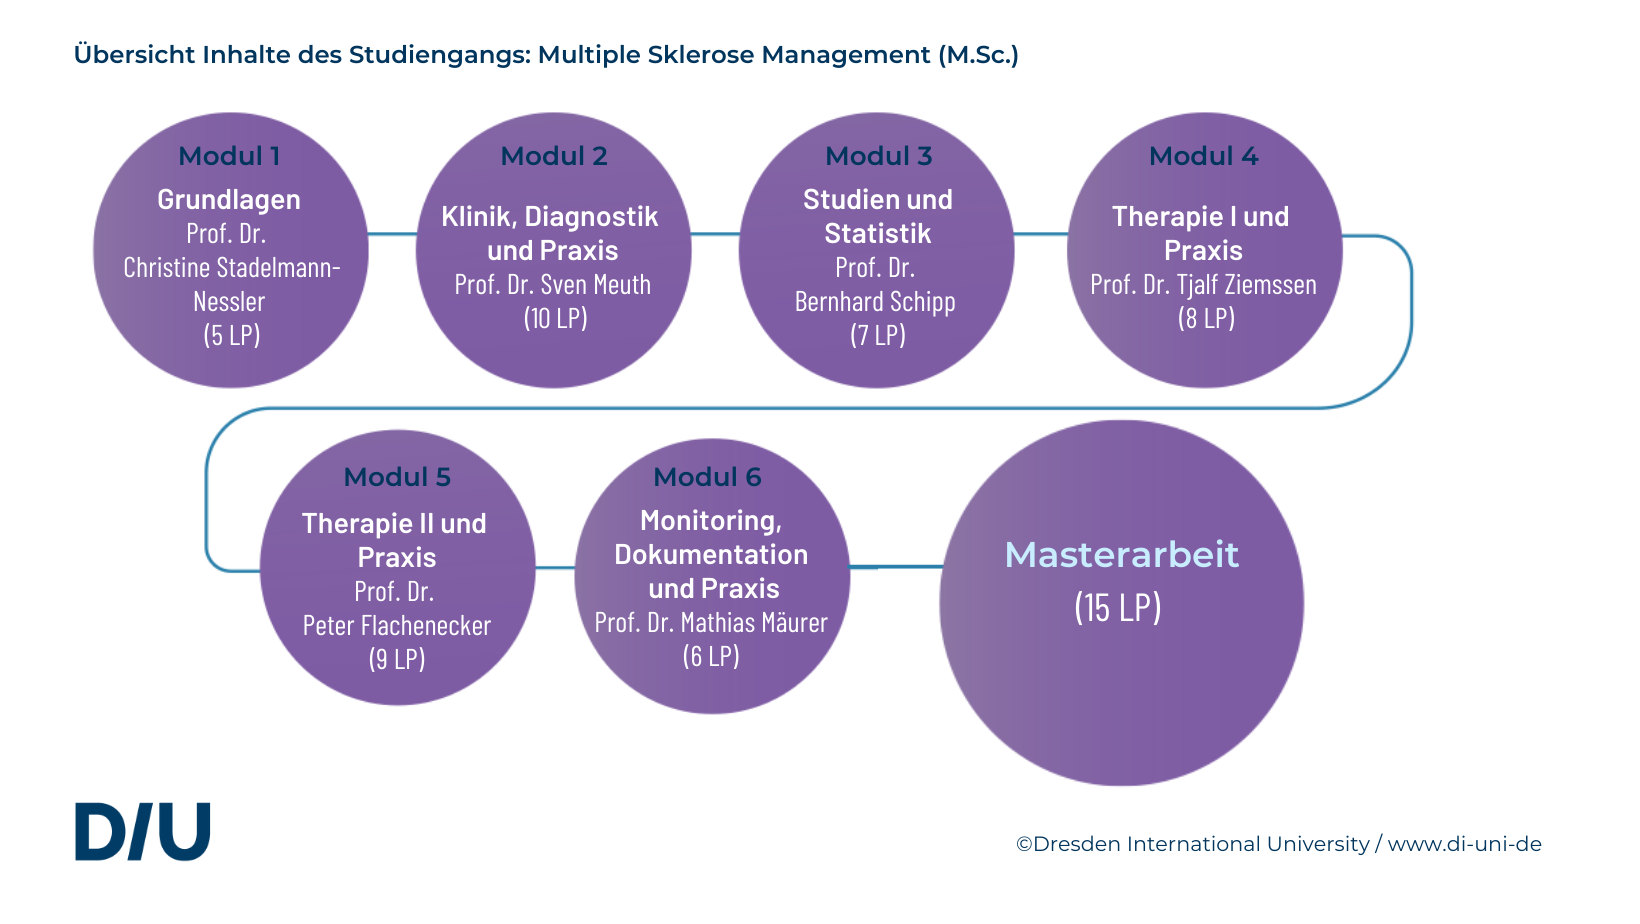 Studiengang für Mediziner: Multiple Sklerose Management an der DIU Dresden